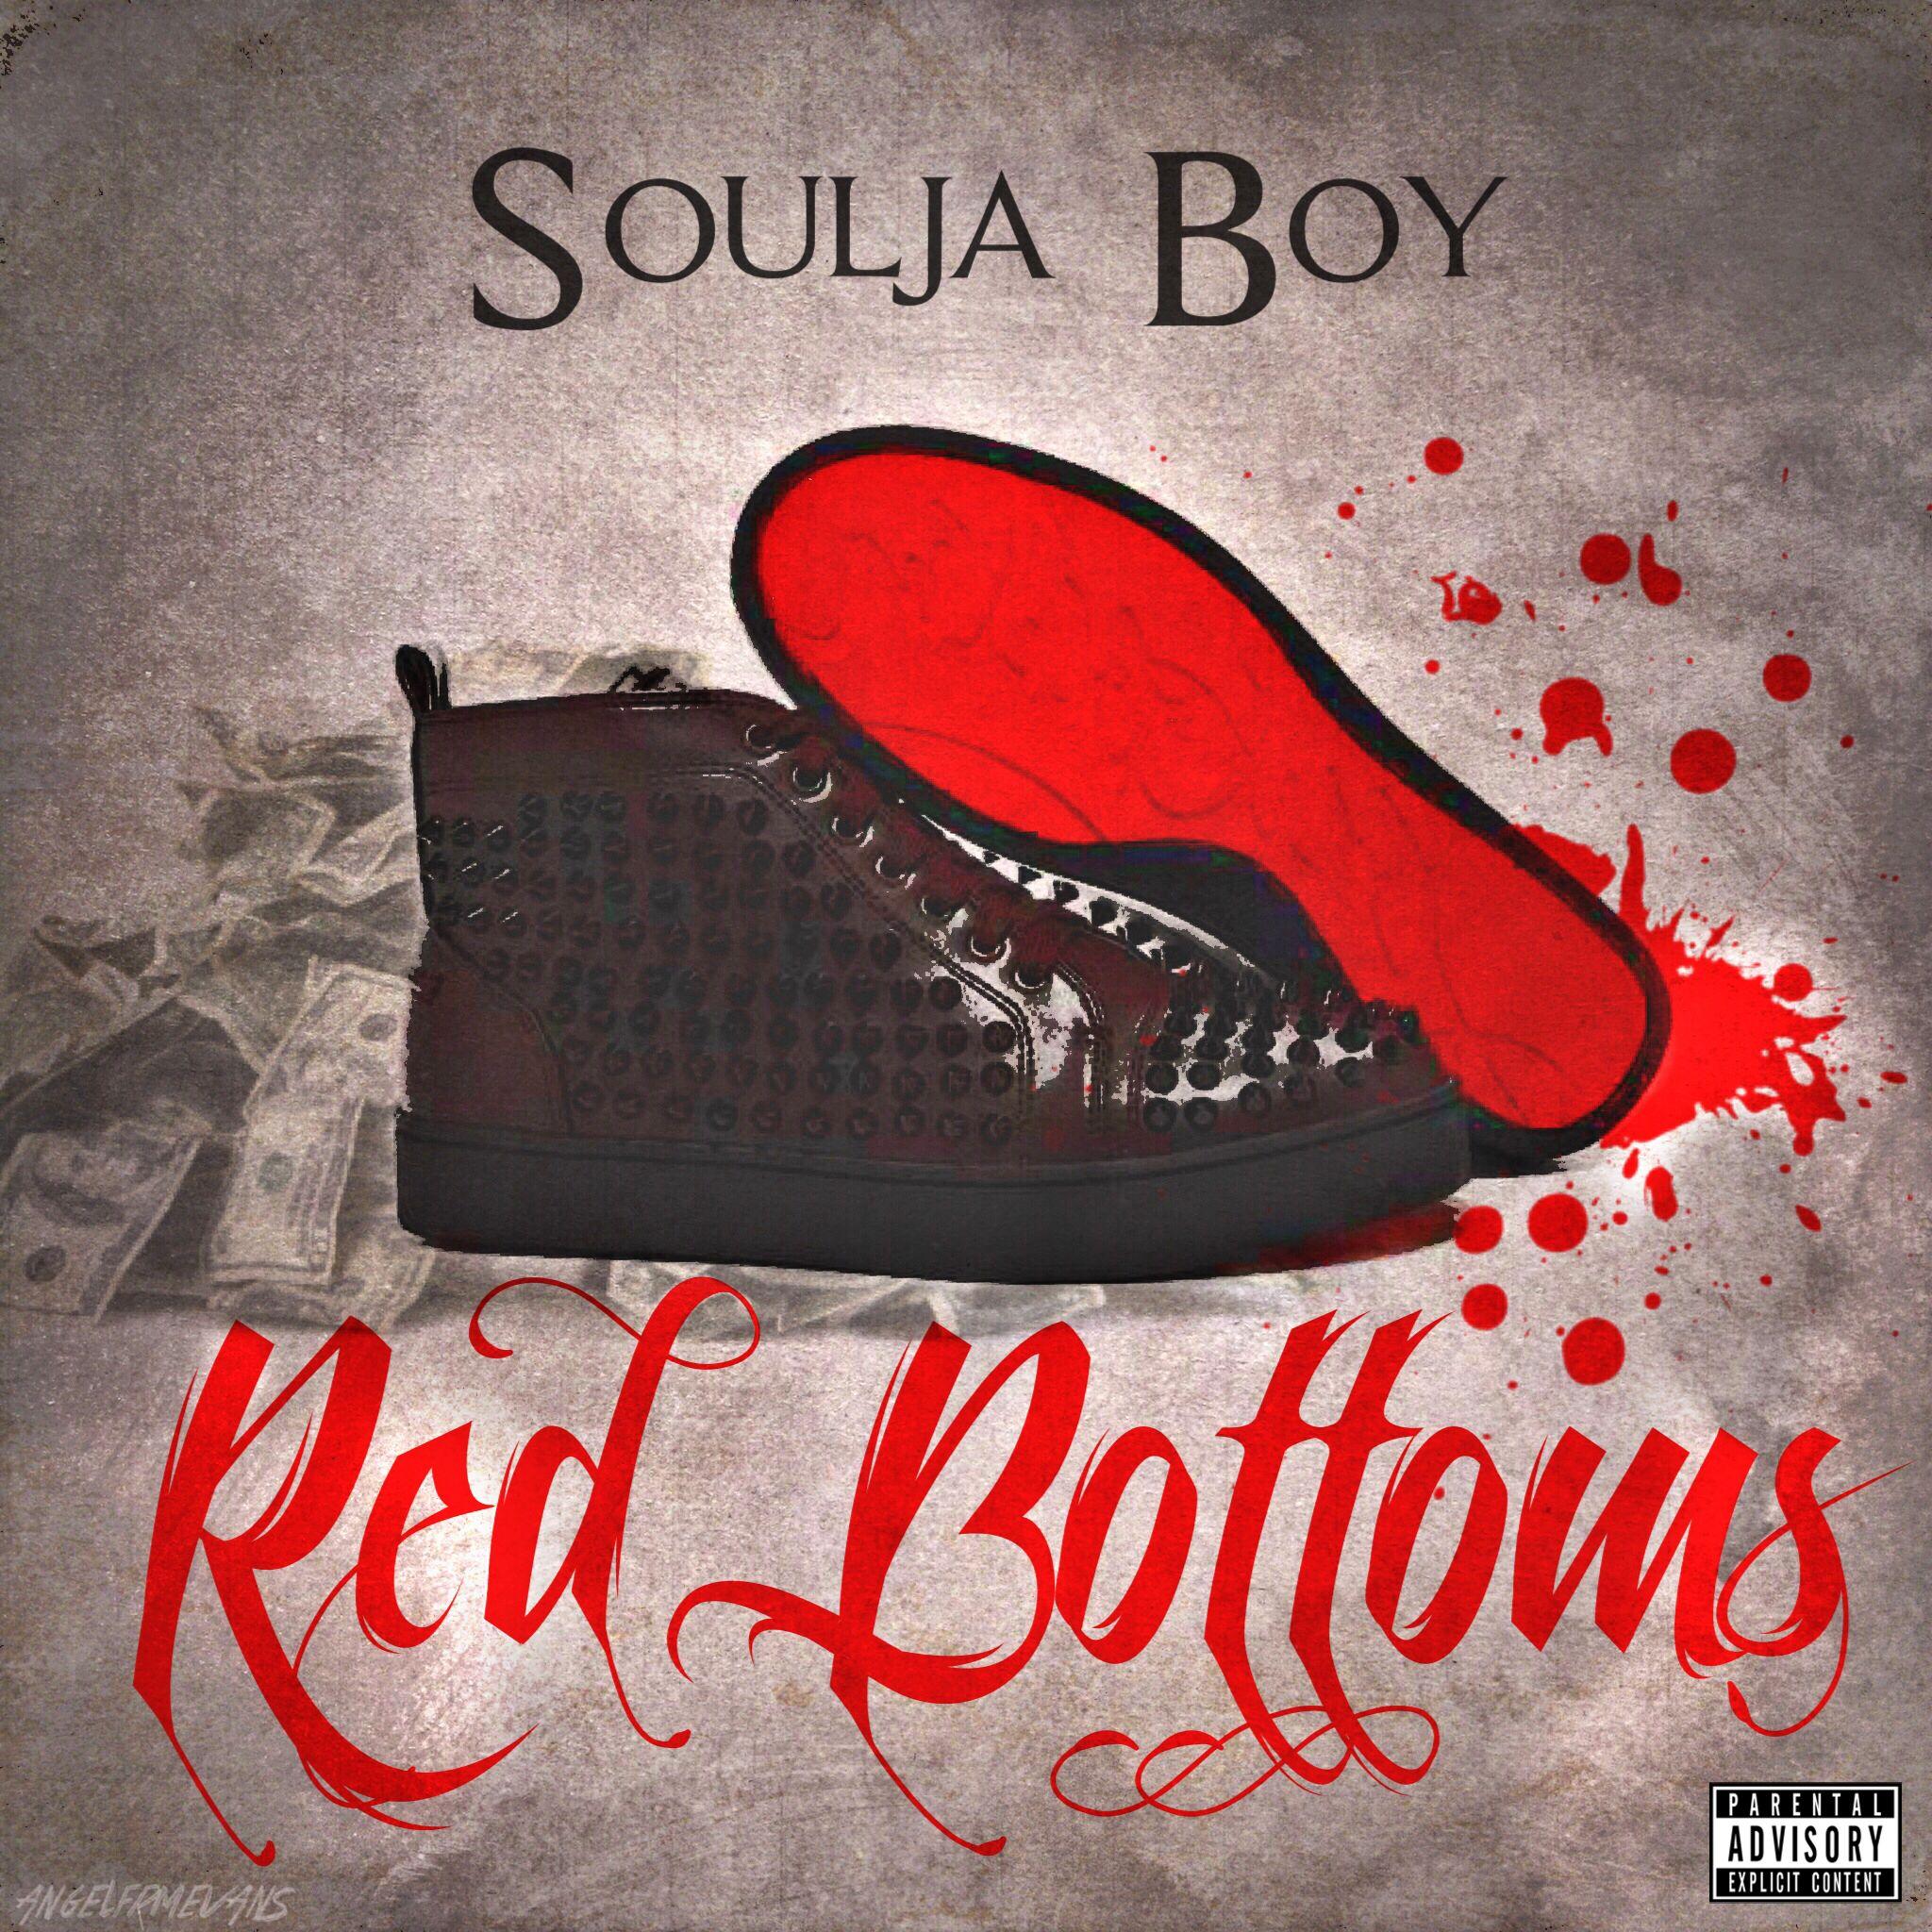 SOULJA boy RED bottoms art by me